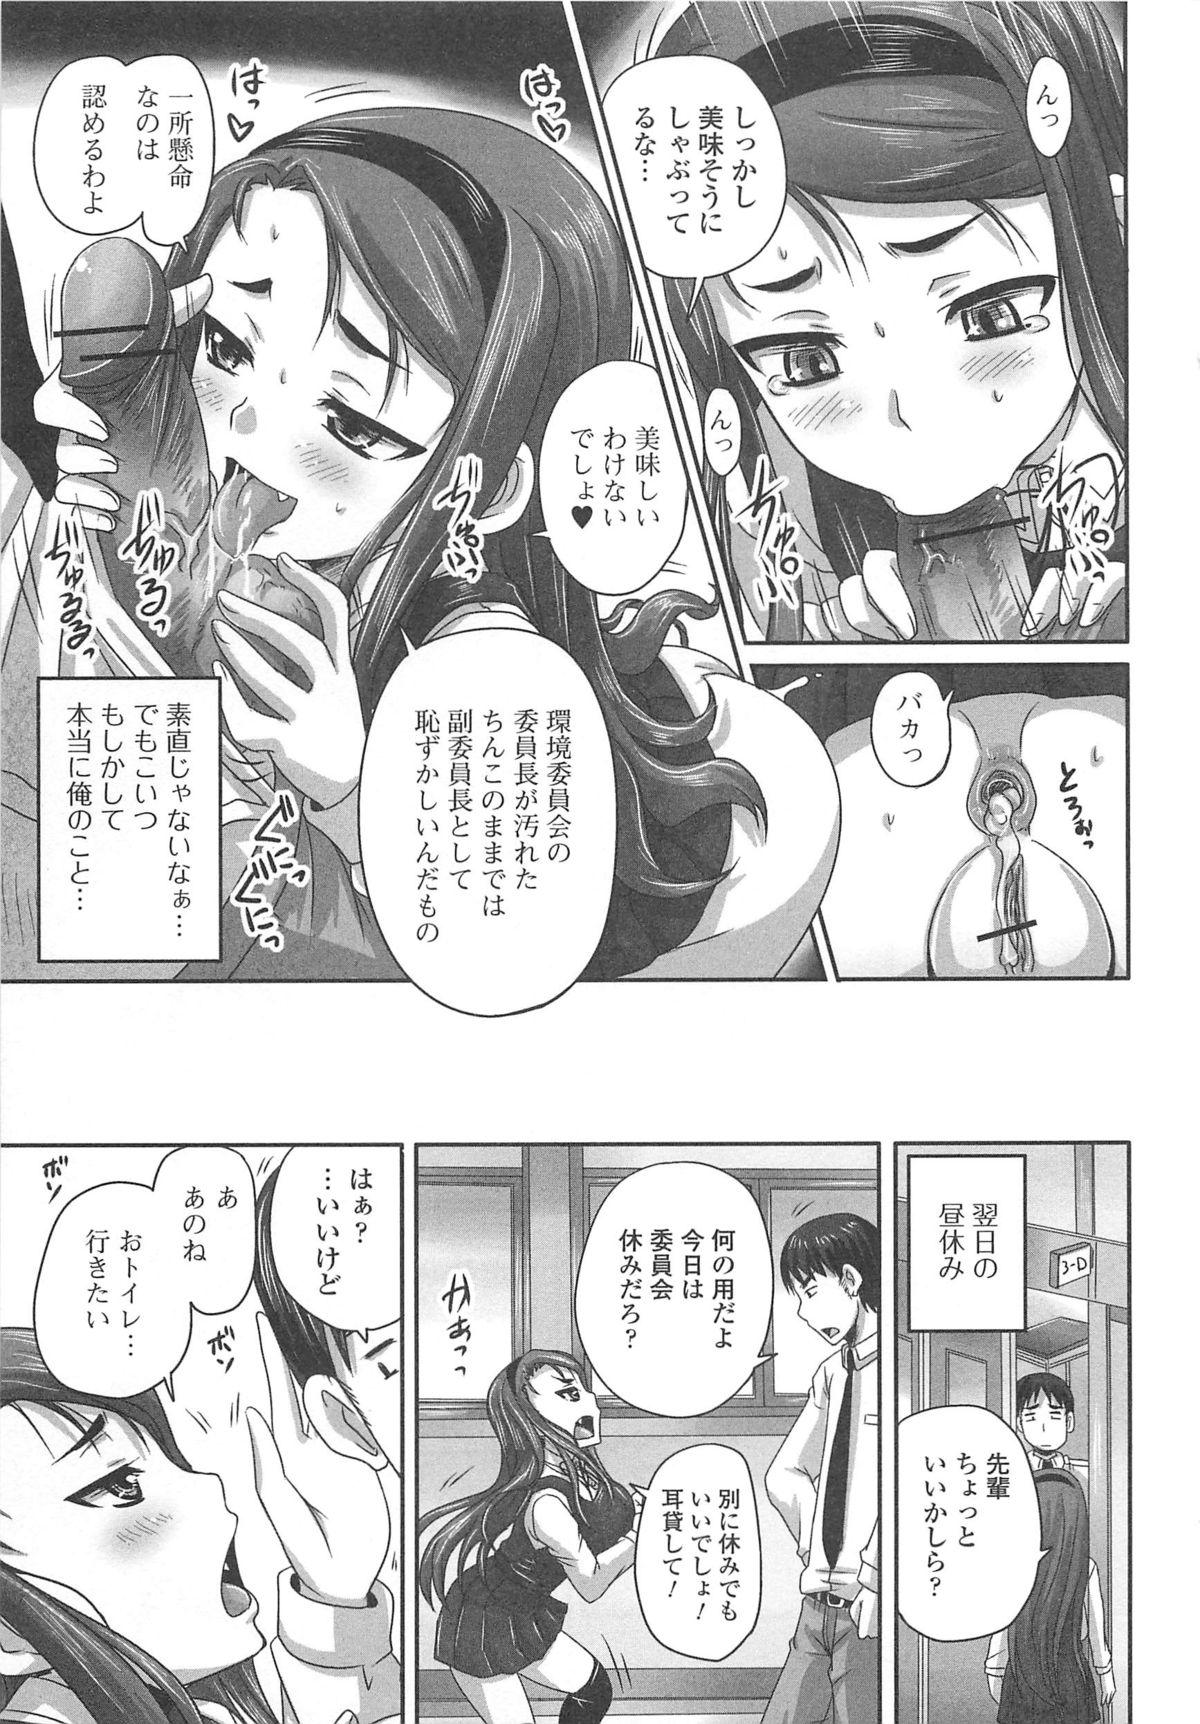 Tsuntsun Ojousama no Geboku ni Natte Shimatta Ore wa Ch. 1-2 18